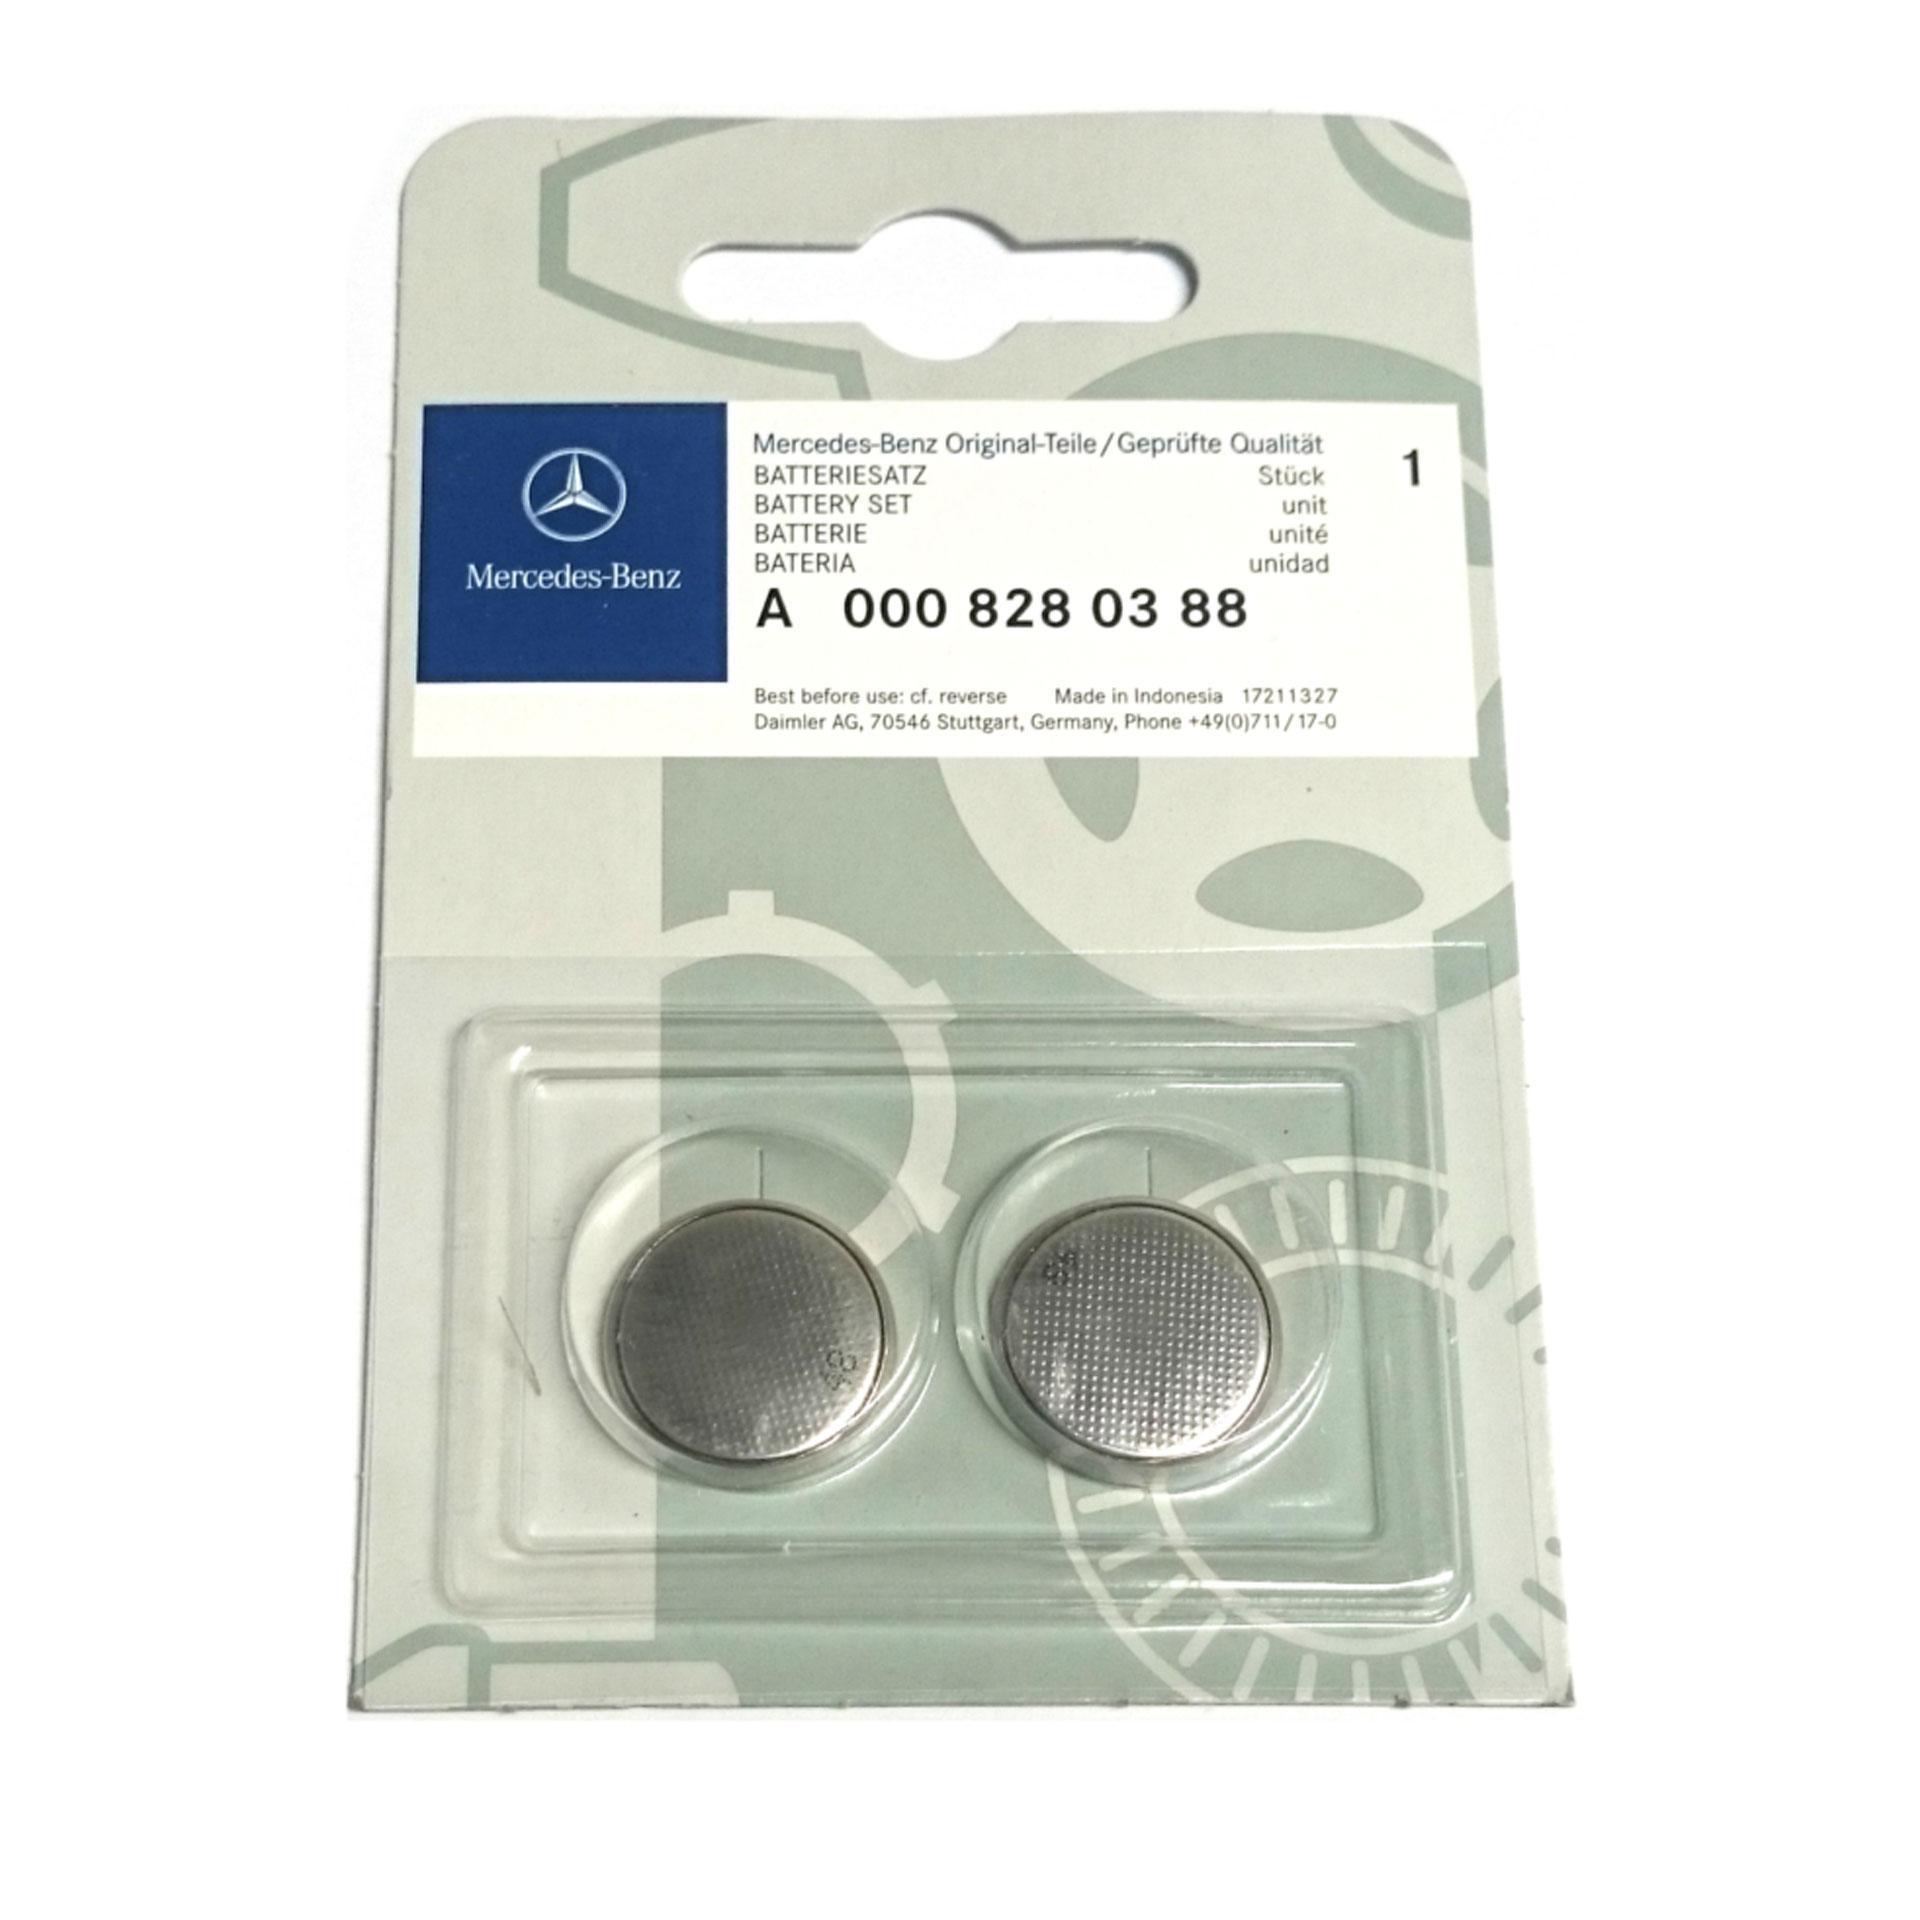 Mercedes-Benz Batteriesatz Schlüsselbatterie 2er Set 3V CR2025